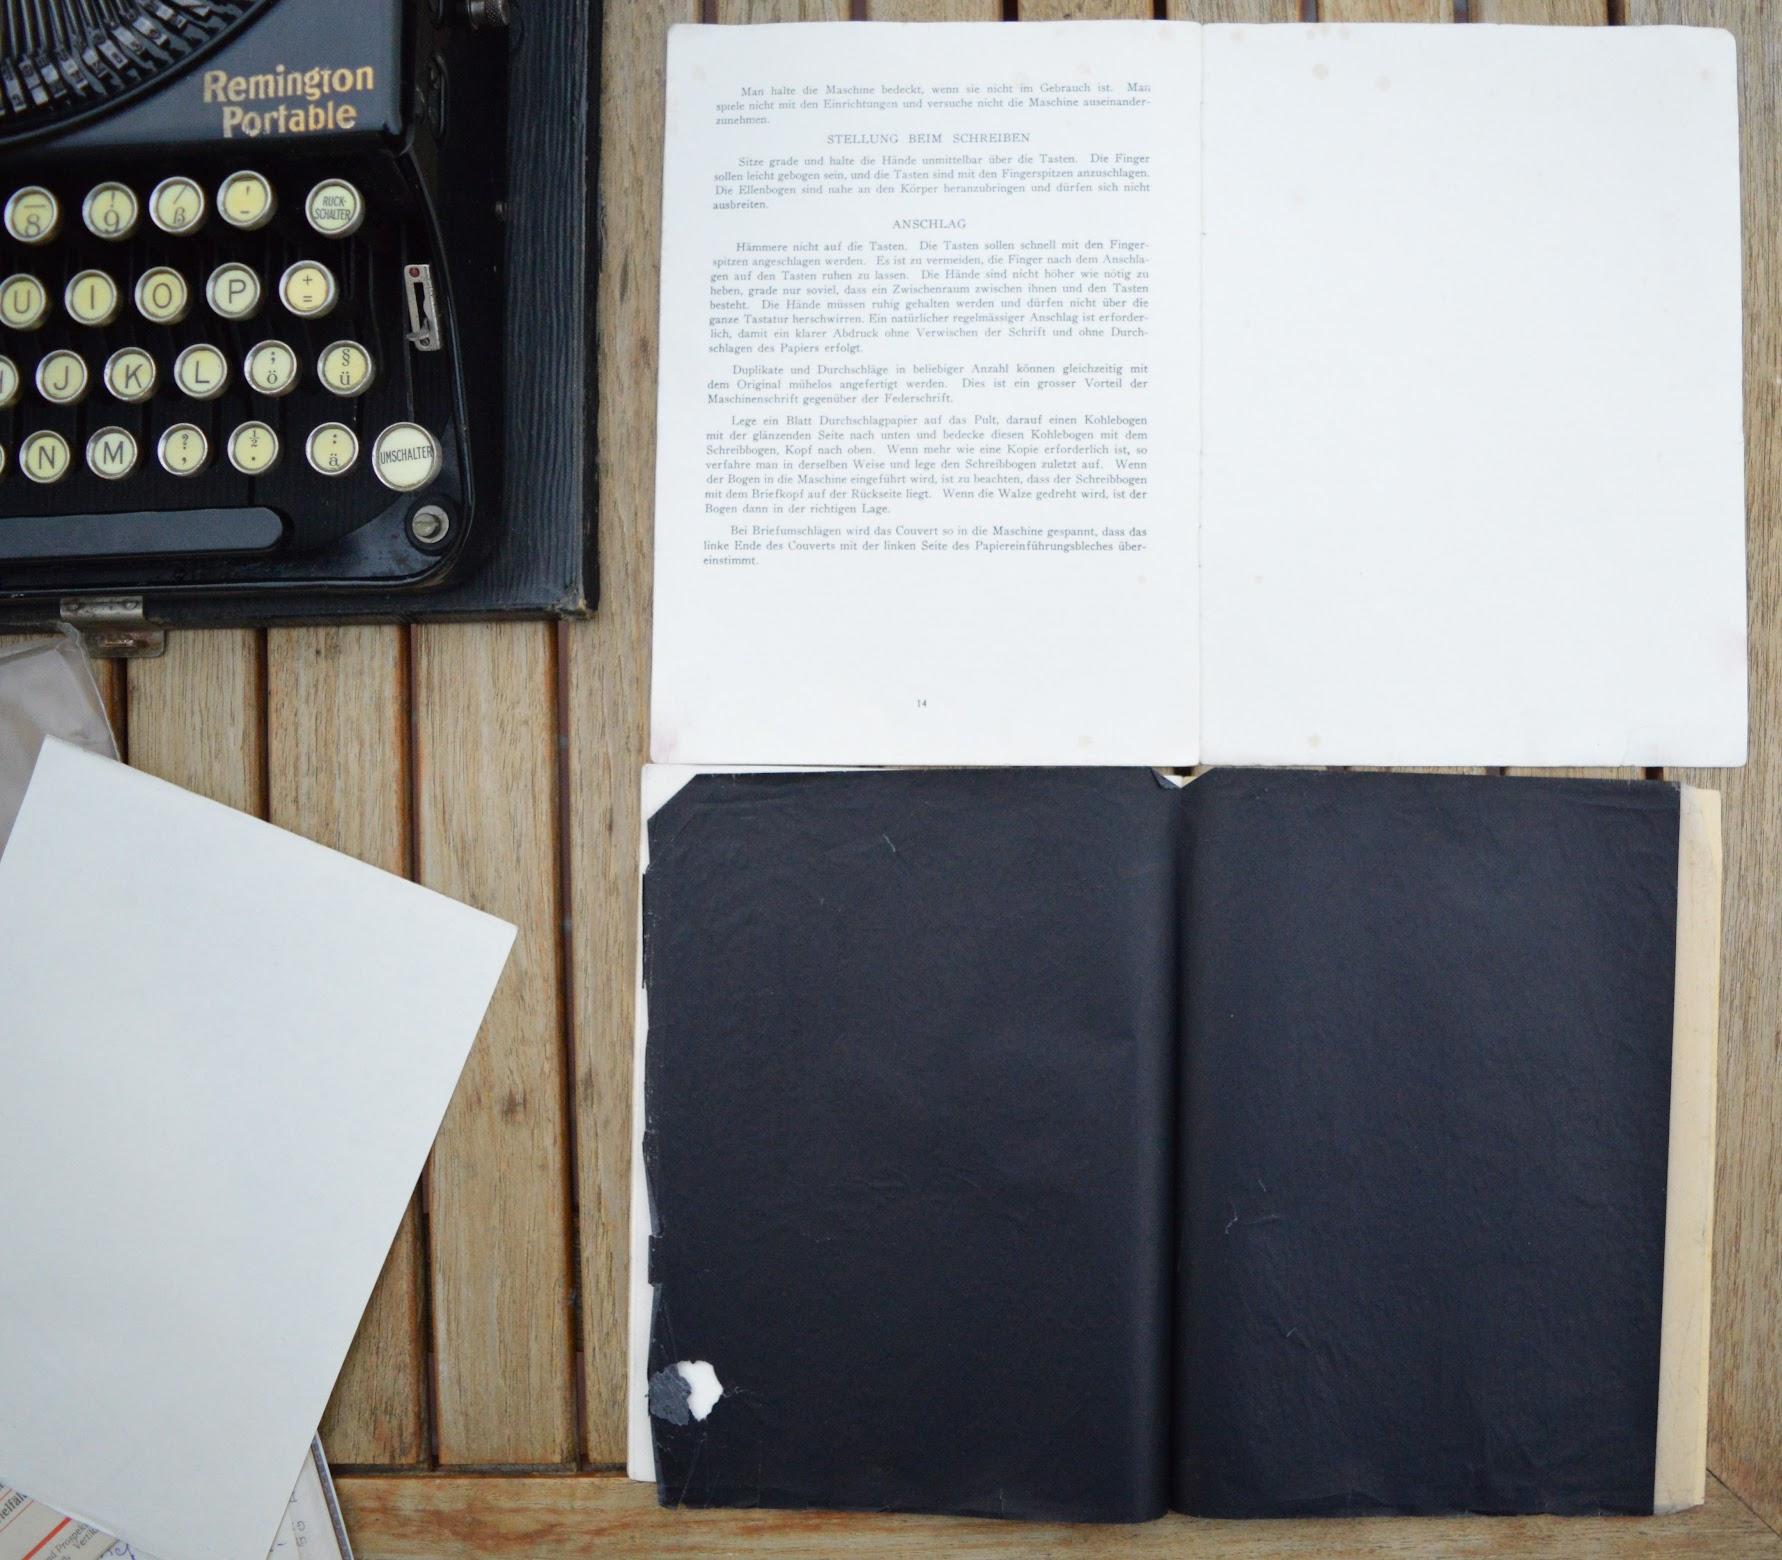 Remington Portable - Gebrauchsanweisungen und Kohlepapier